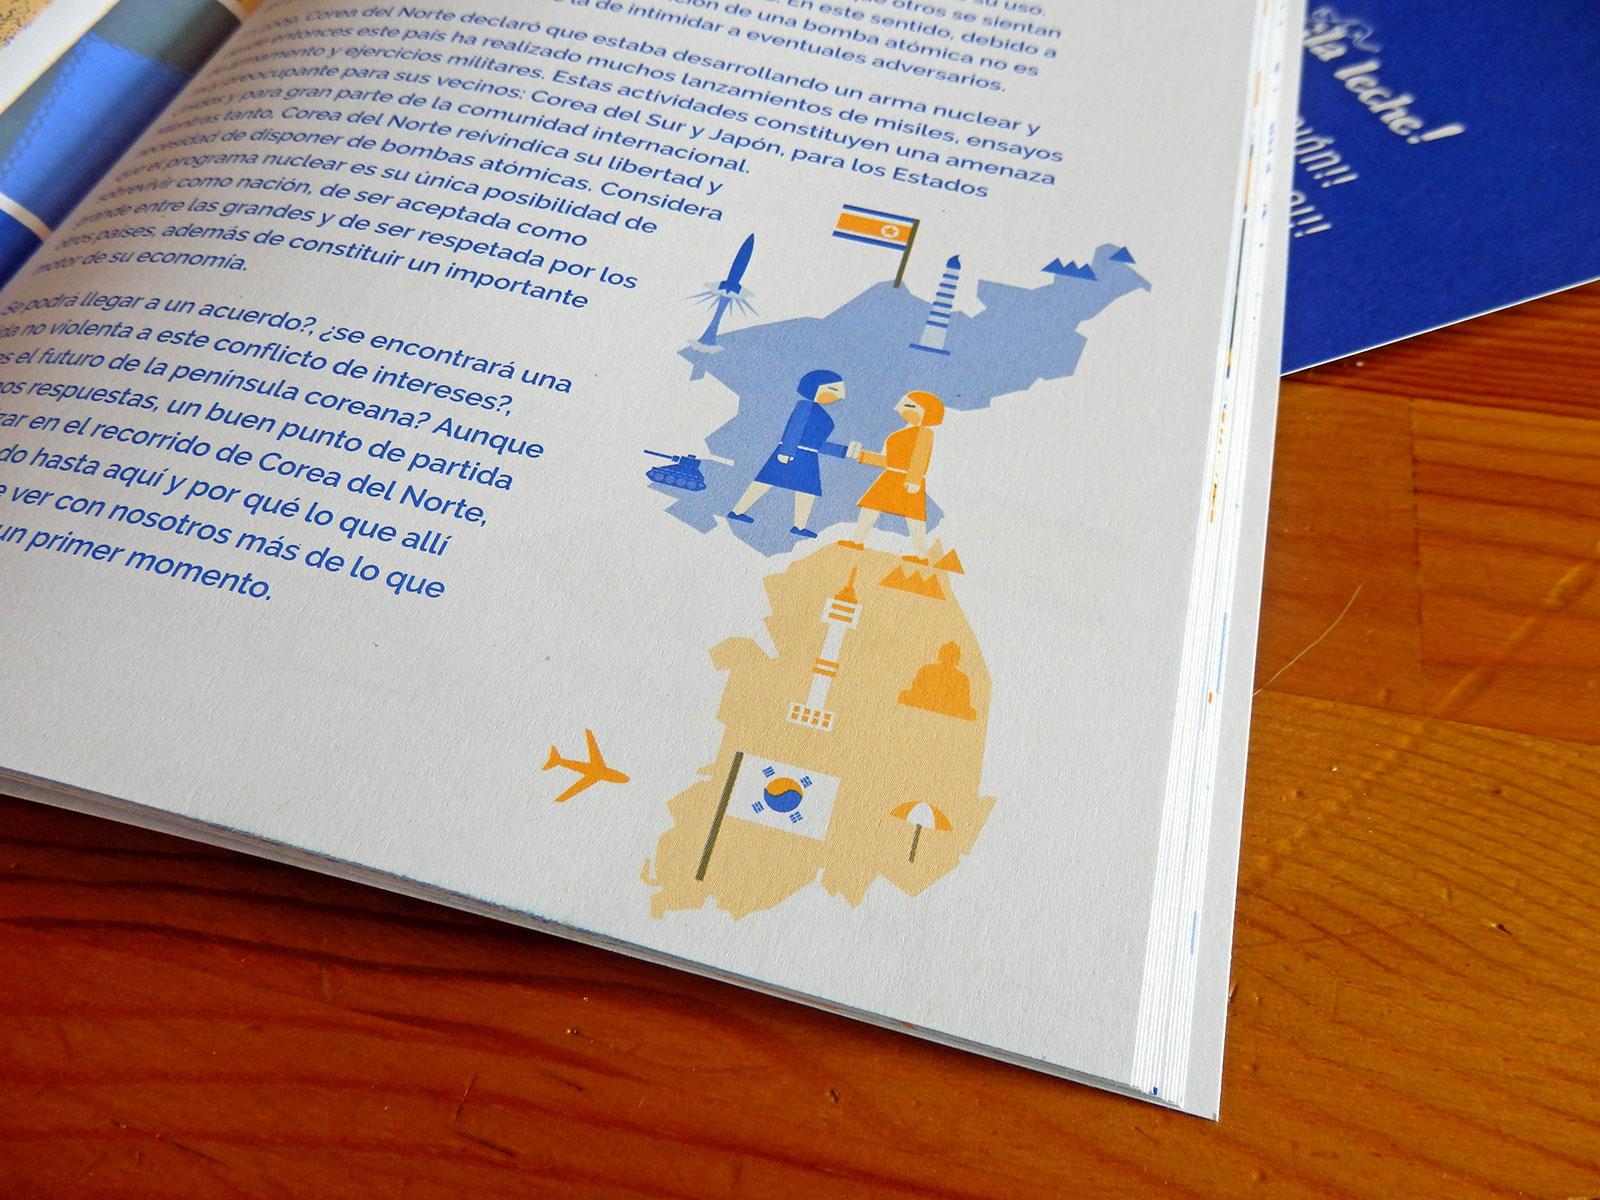 Ilustración editorial para el especial sobre Corea del Norte